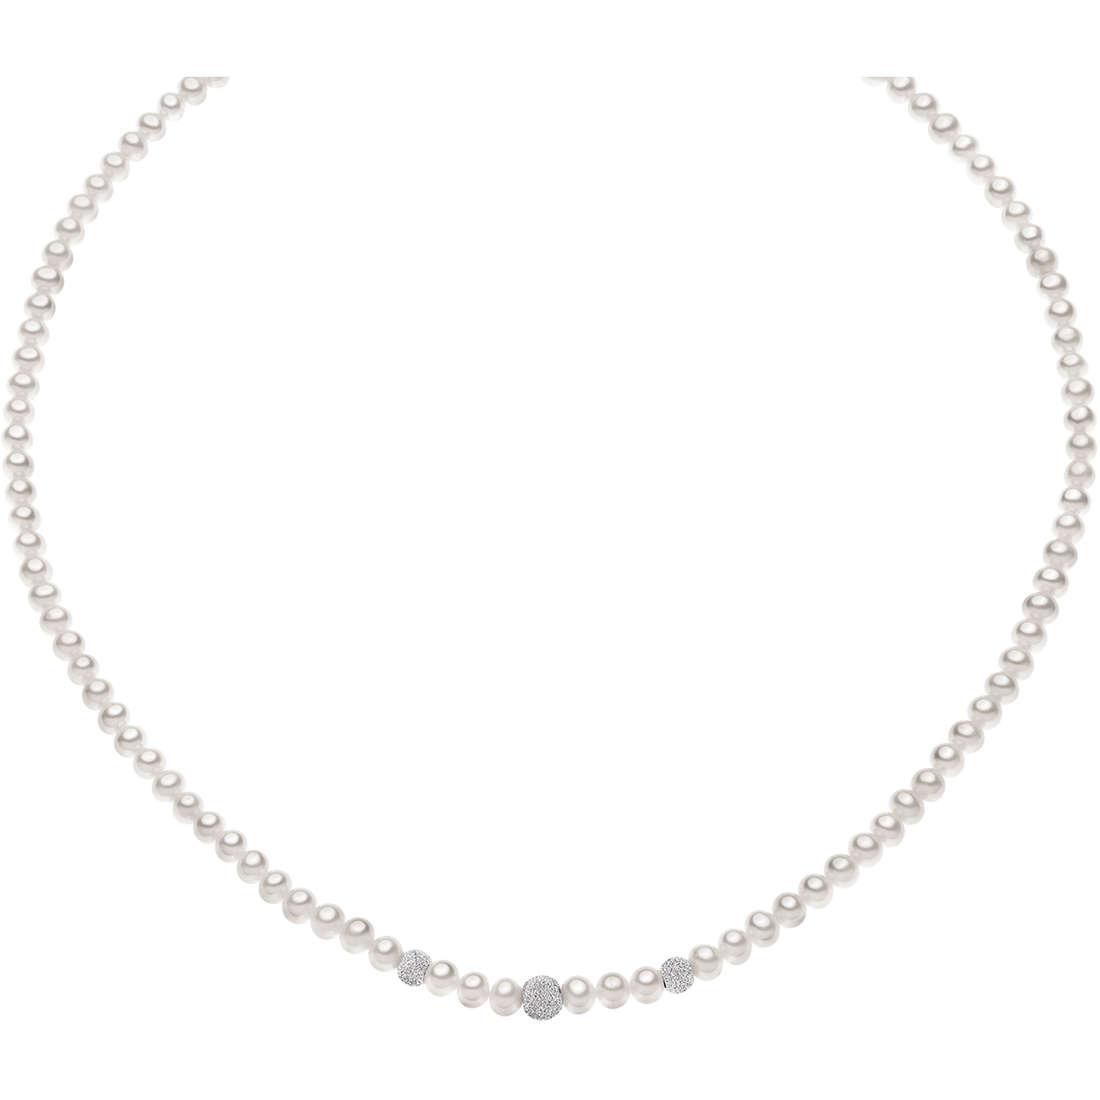 collana donna gioielli Comete Perla FWQ 195 B